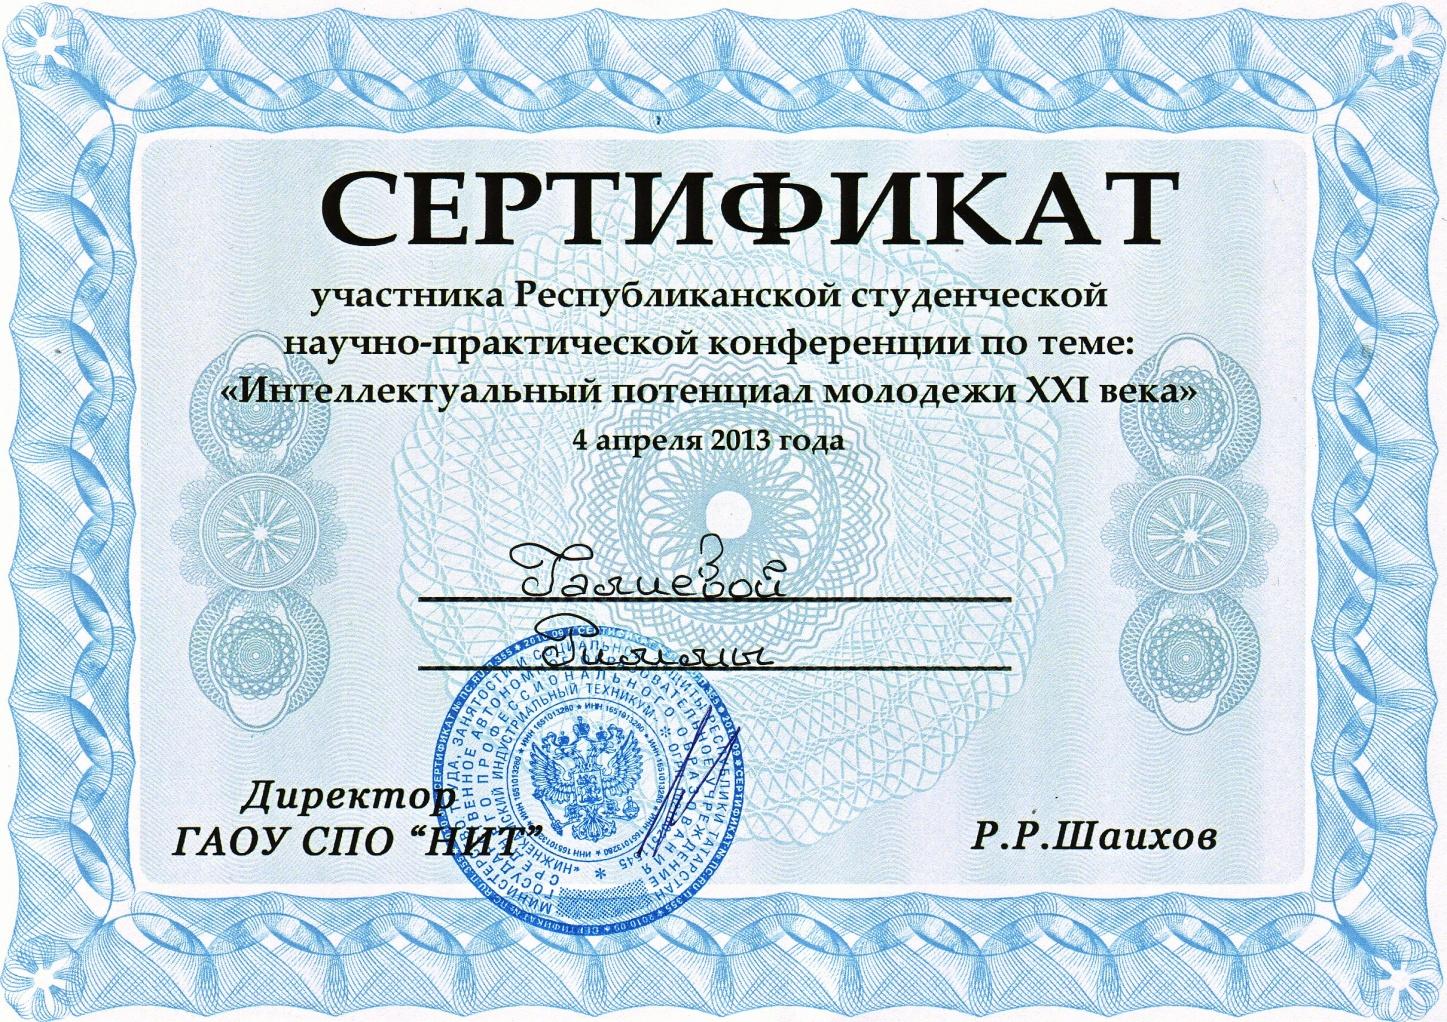 F:\Всероссйский конкурс Портфолио выпускника\РИММА\Untitled-Scanned-01.jpg